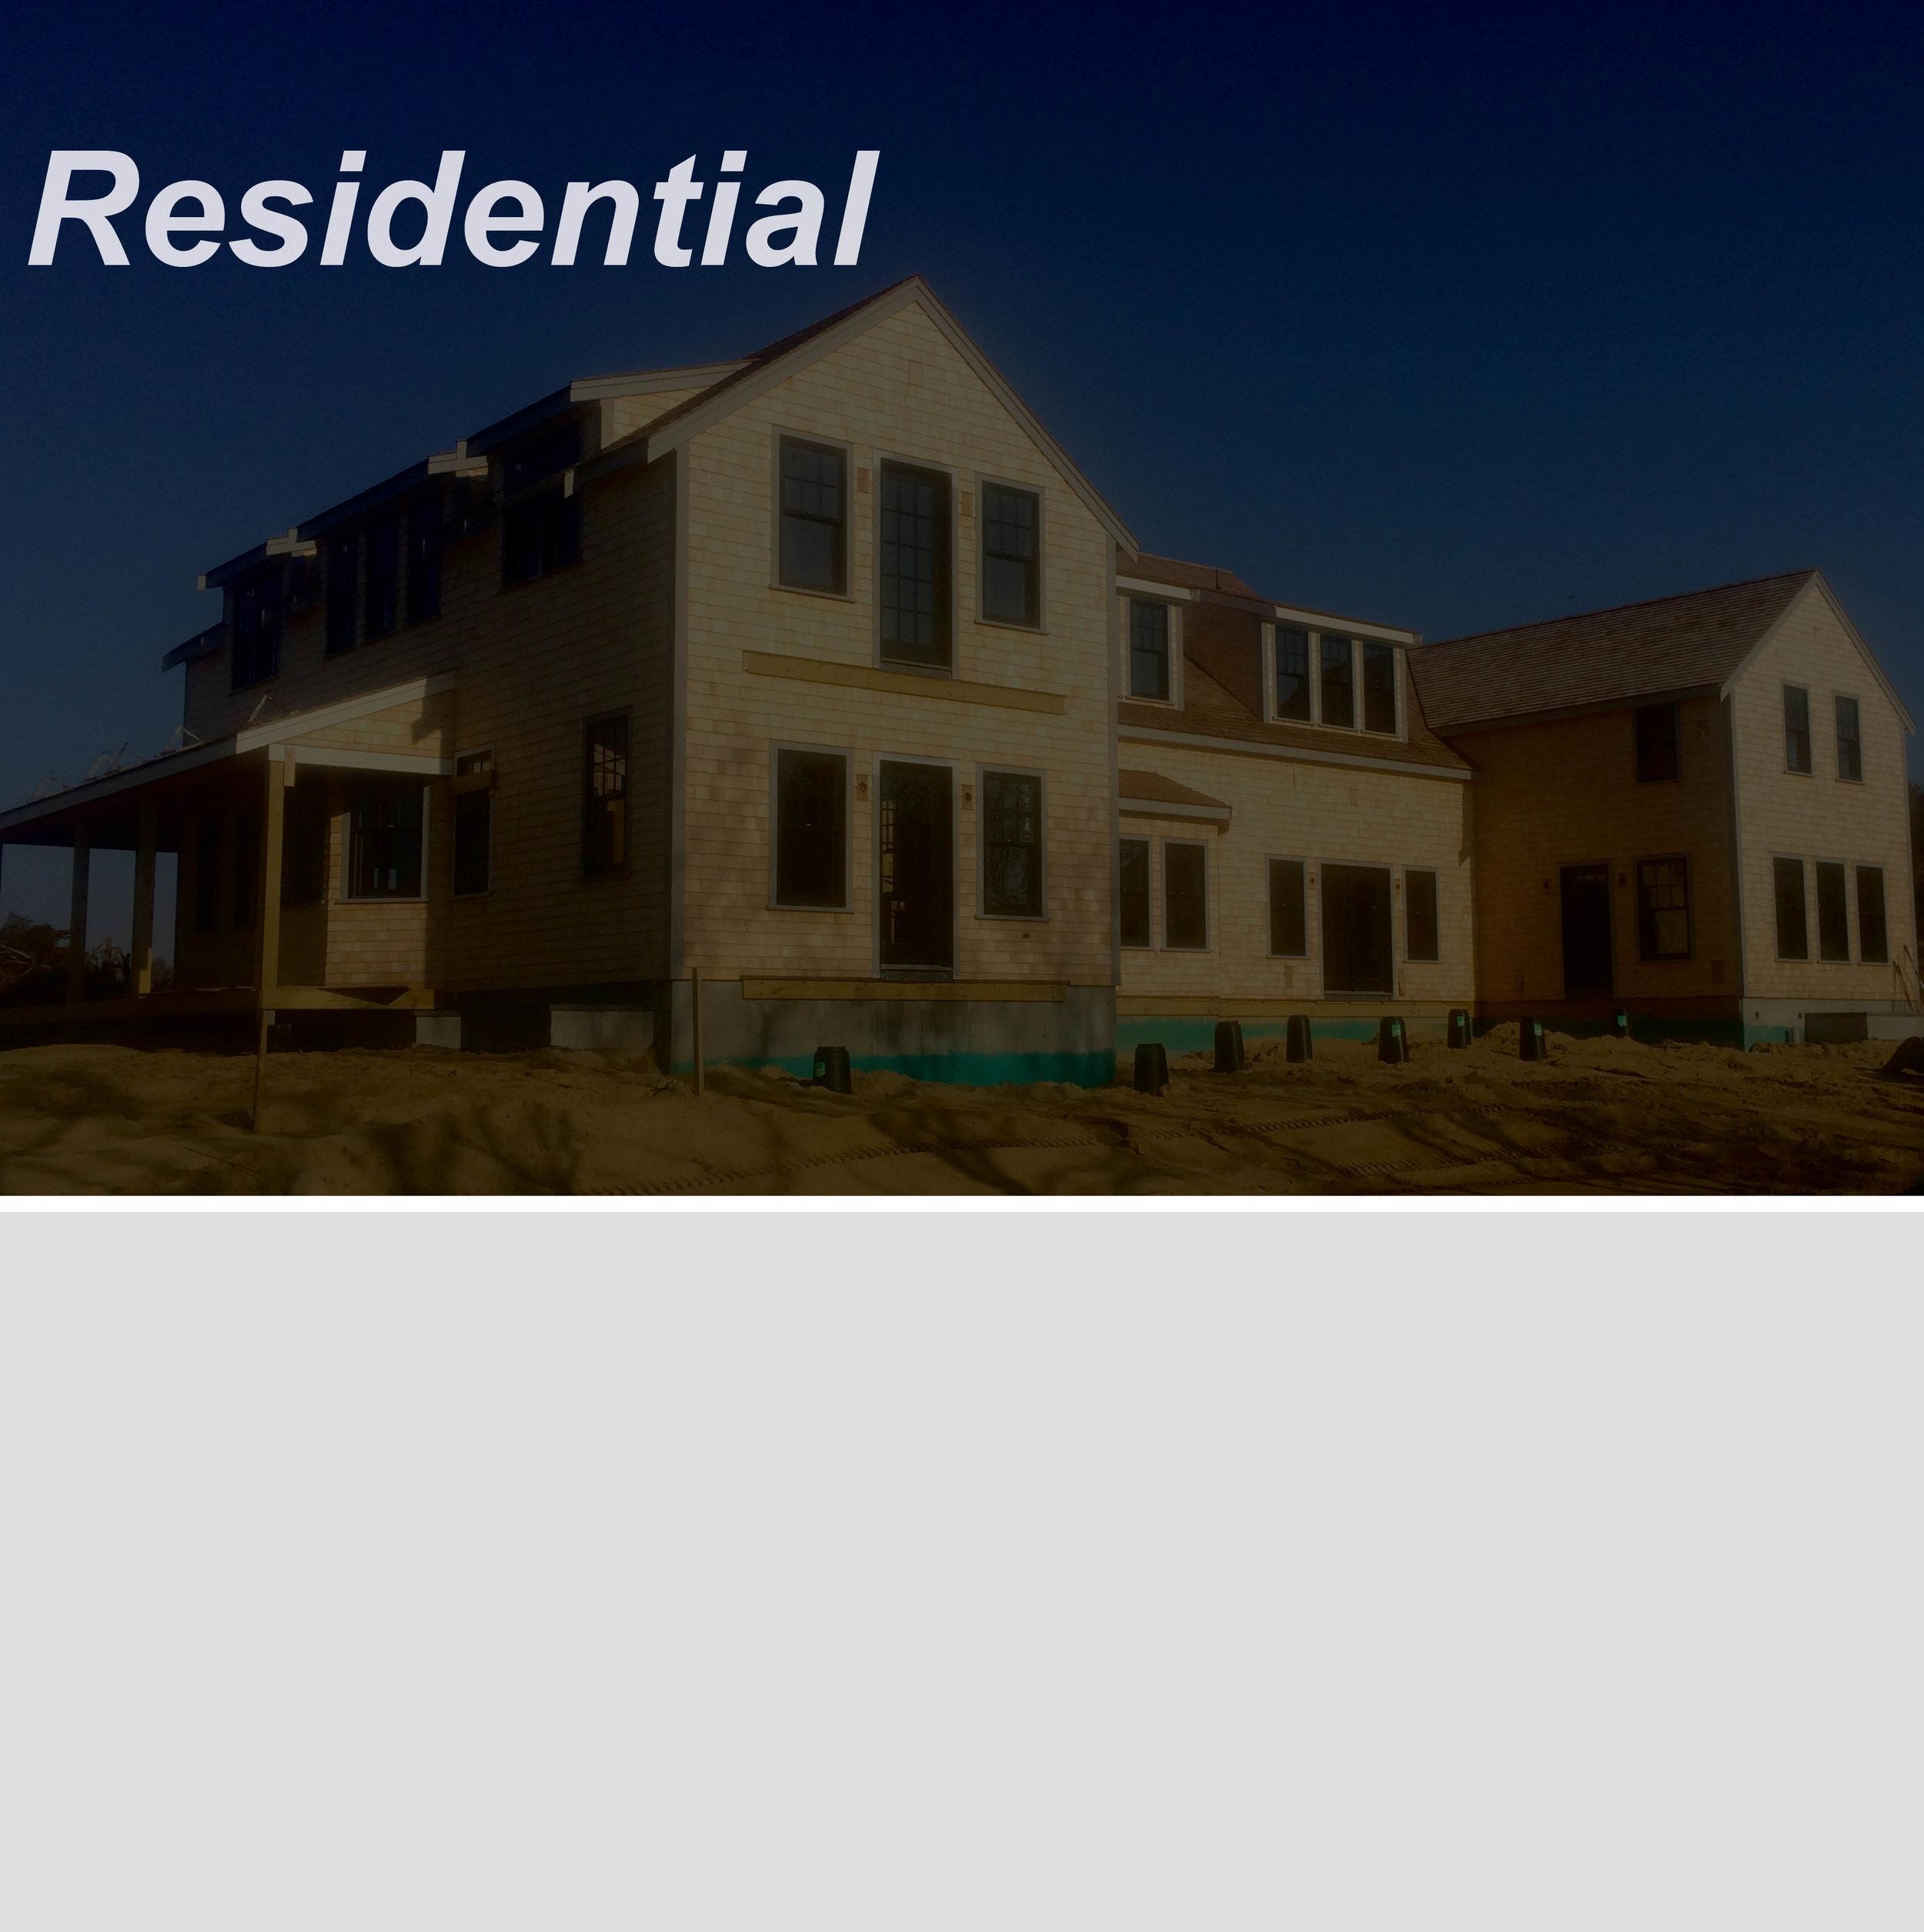 structural-residentialjpg.jpg